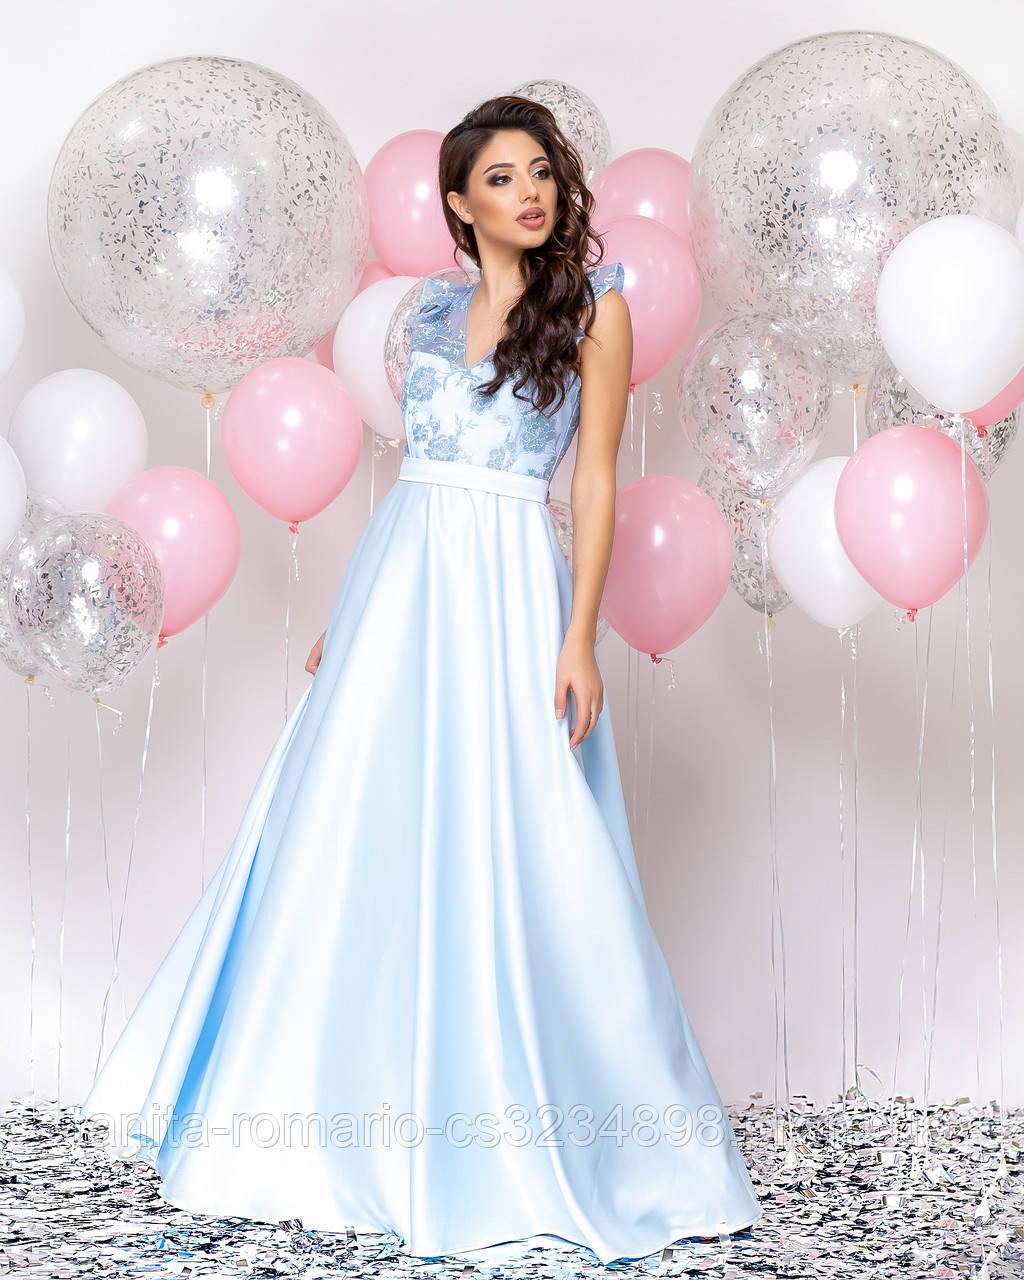 Випускна сукня блакитного кольору, атласна з мереживом